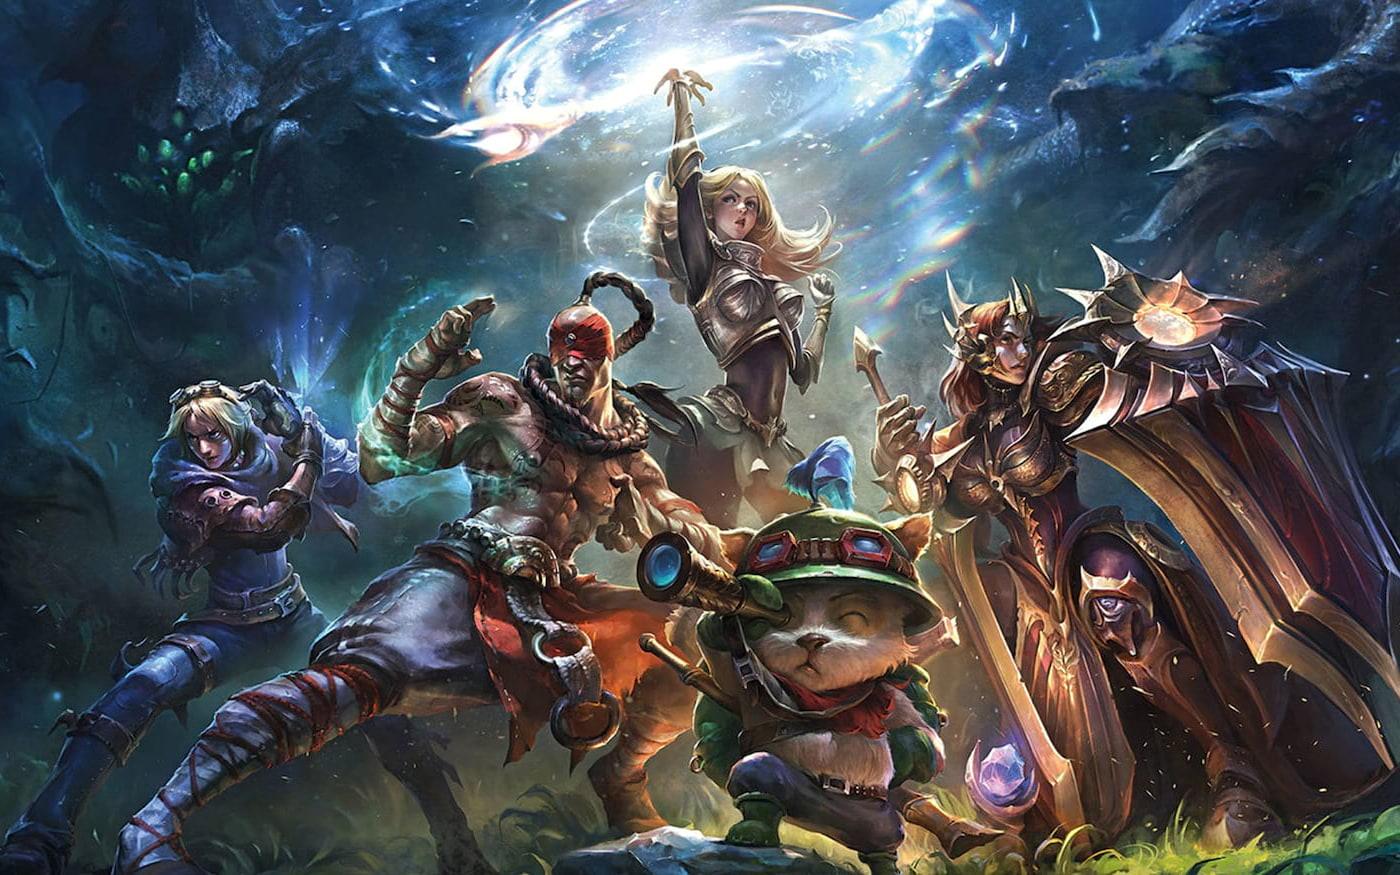 Ilustração de league of Legends, um dos jogos multiplayer mais populares